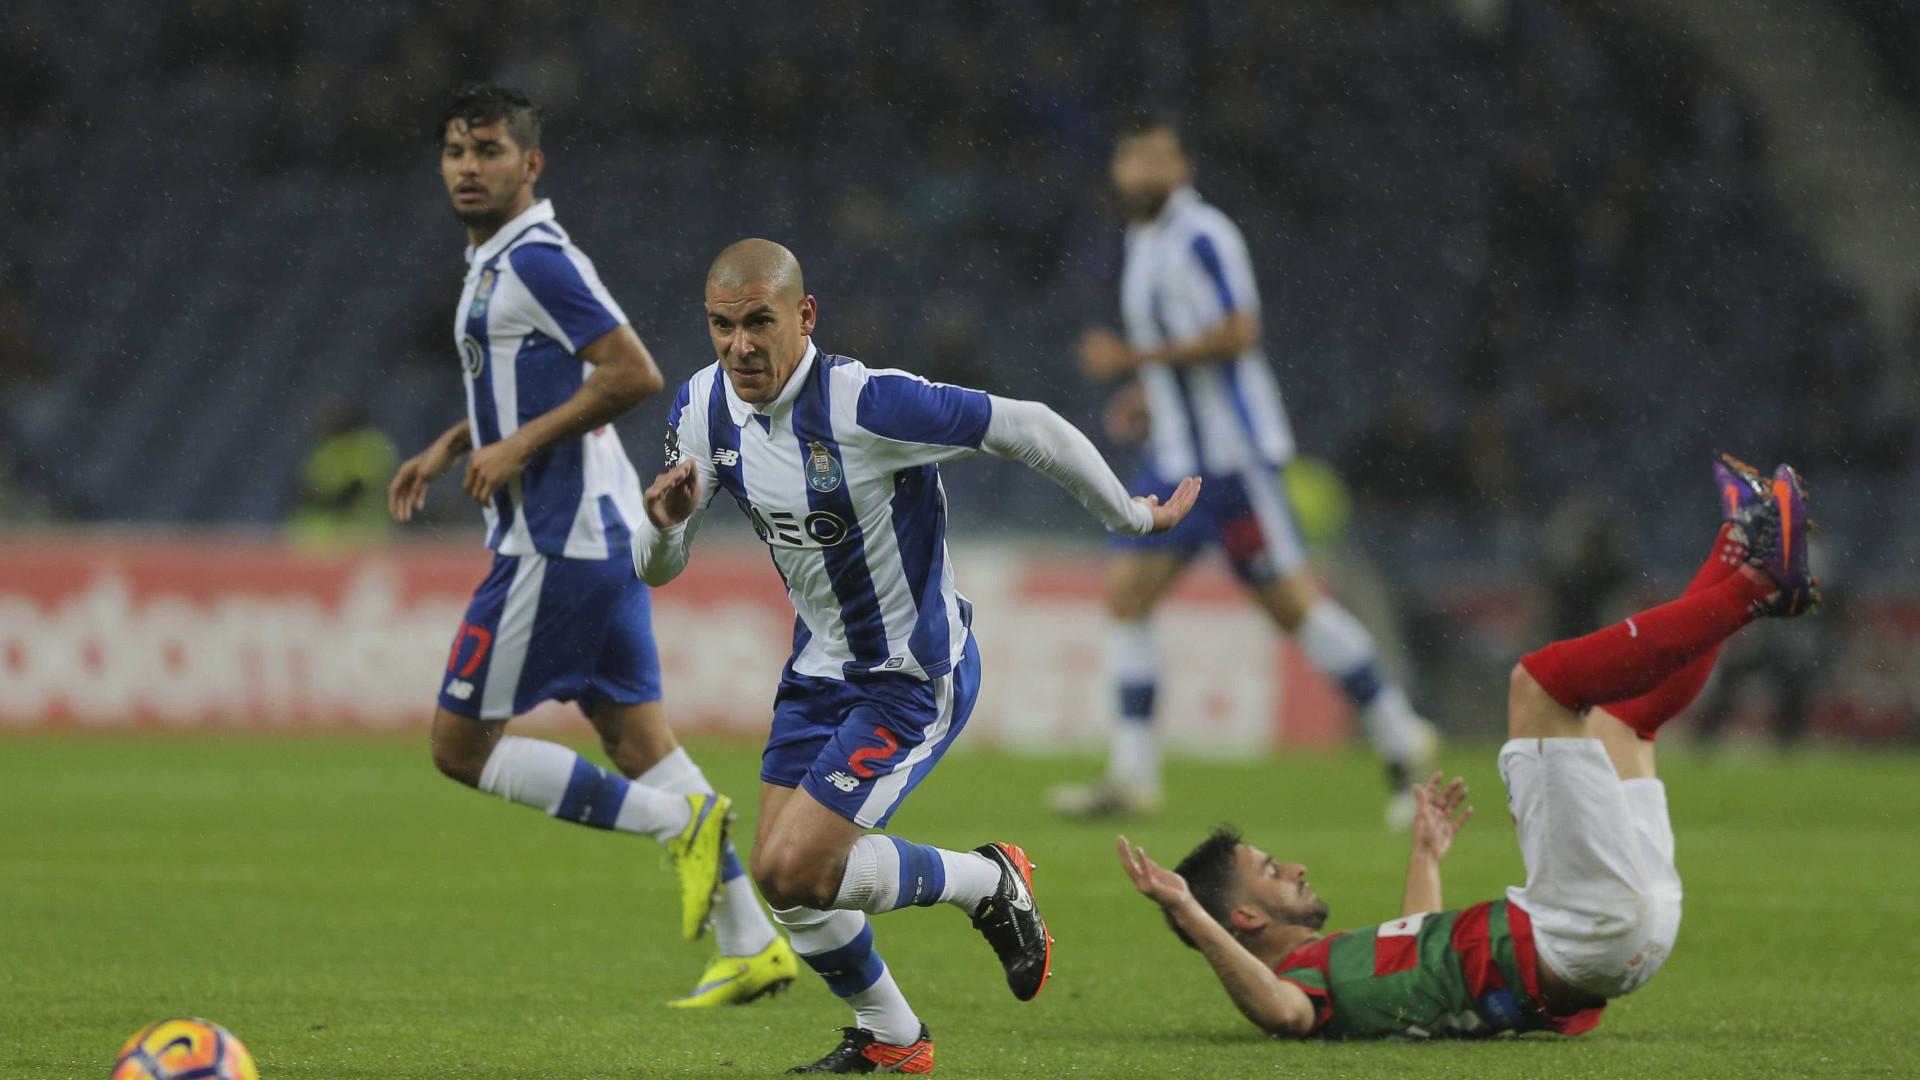 Maxi renovou com o FC Porto e já reagiu nas redes sociais